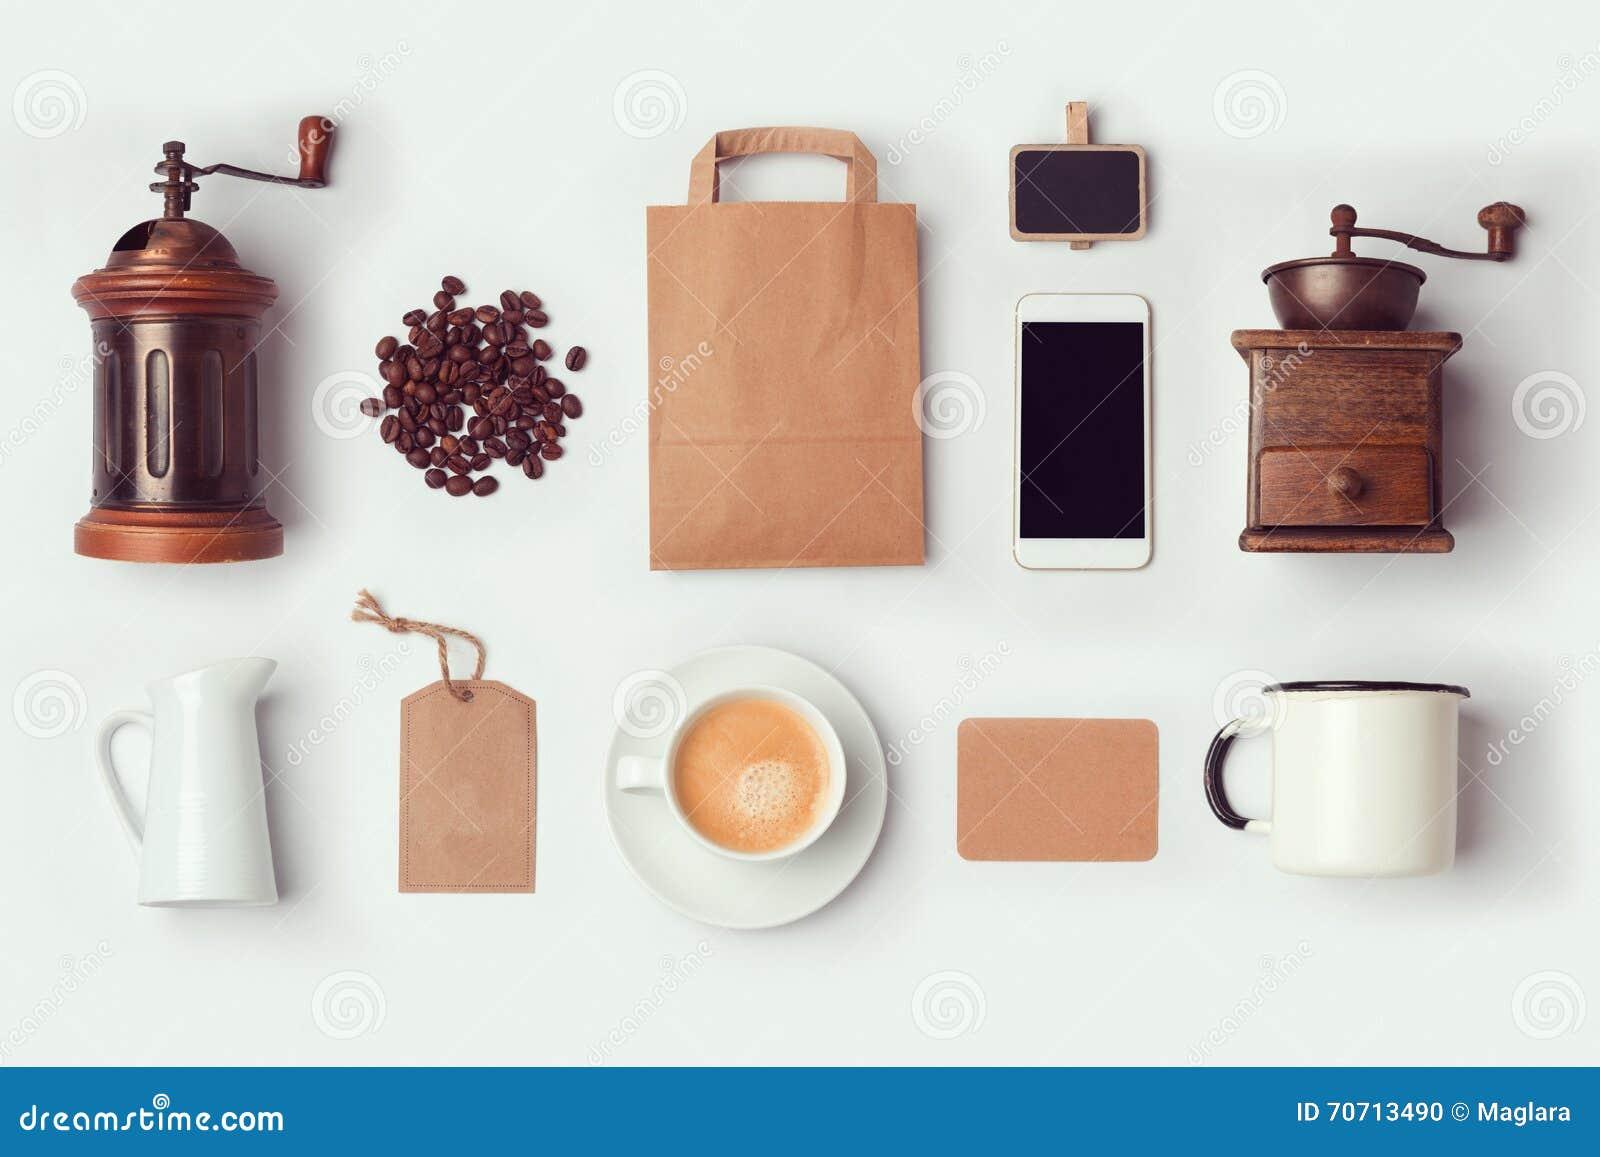 Mofa de la cafetería encima de la plantilla para el diseño de la identidad de marcado en caliente Endecha plana